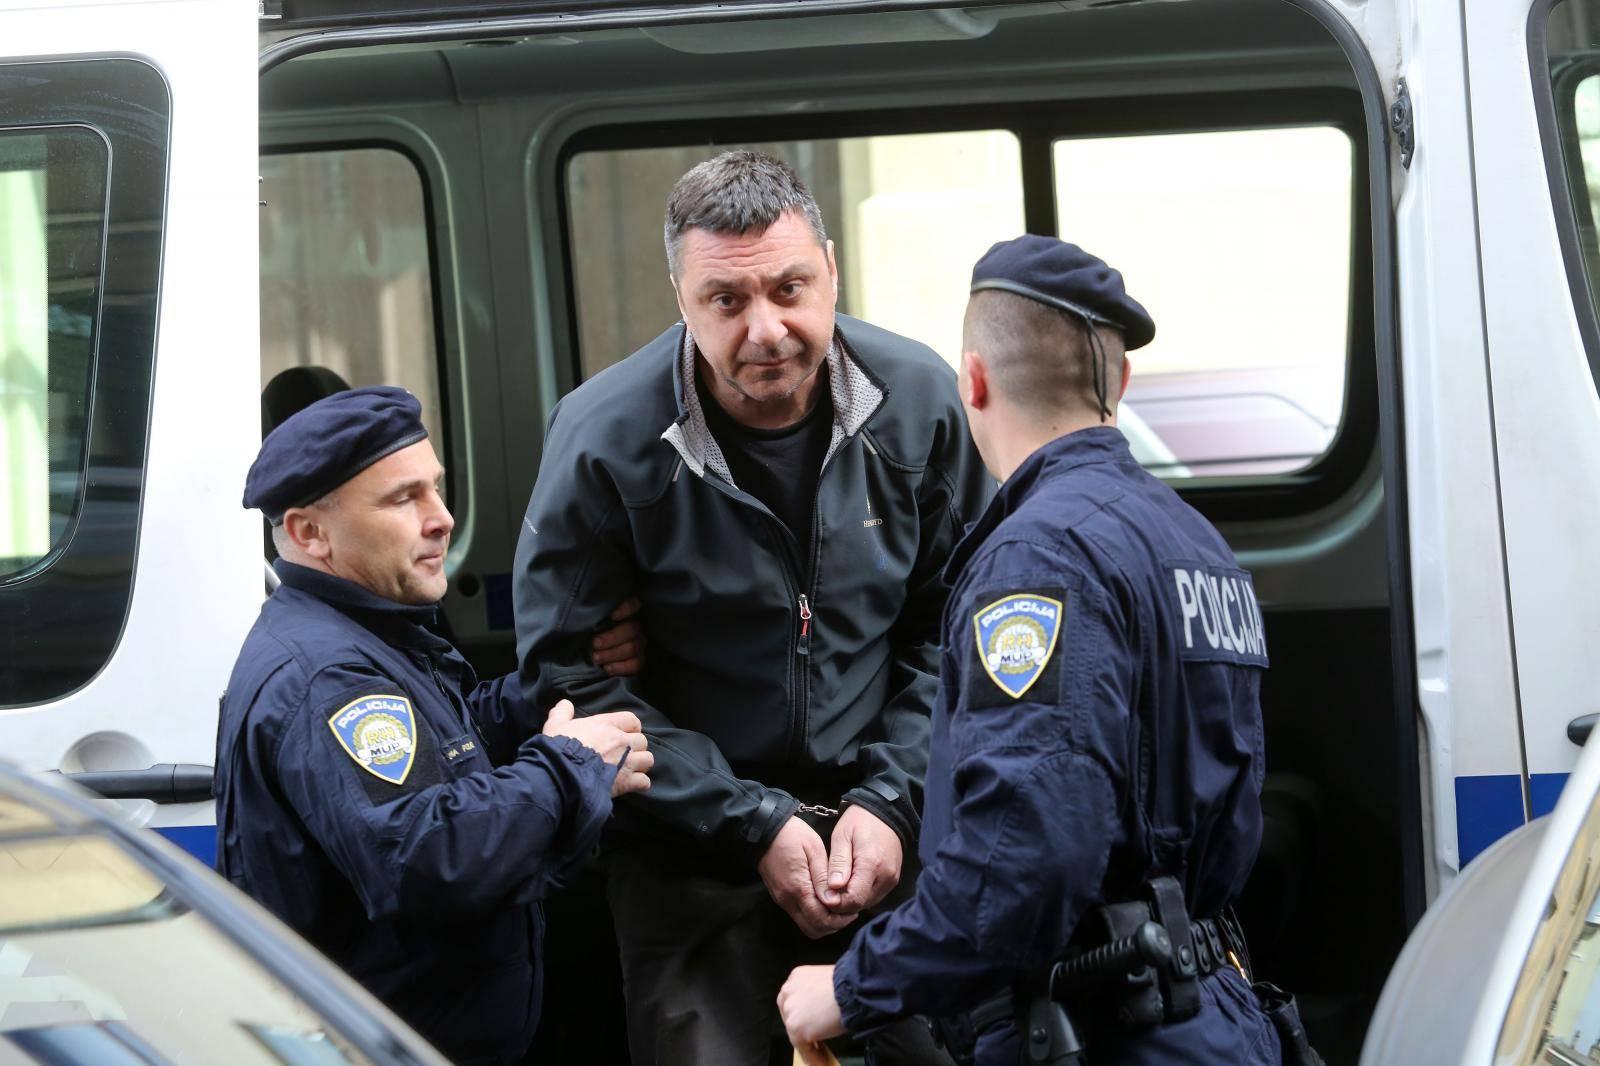 Šefovi u lisicama: Nakon noći u pritvoru - više im nije smiješno